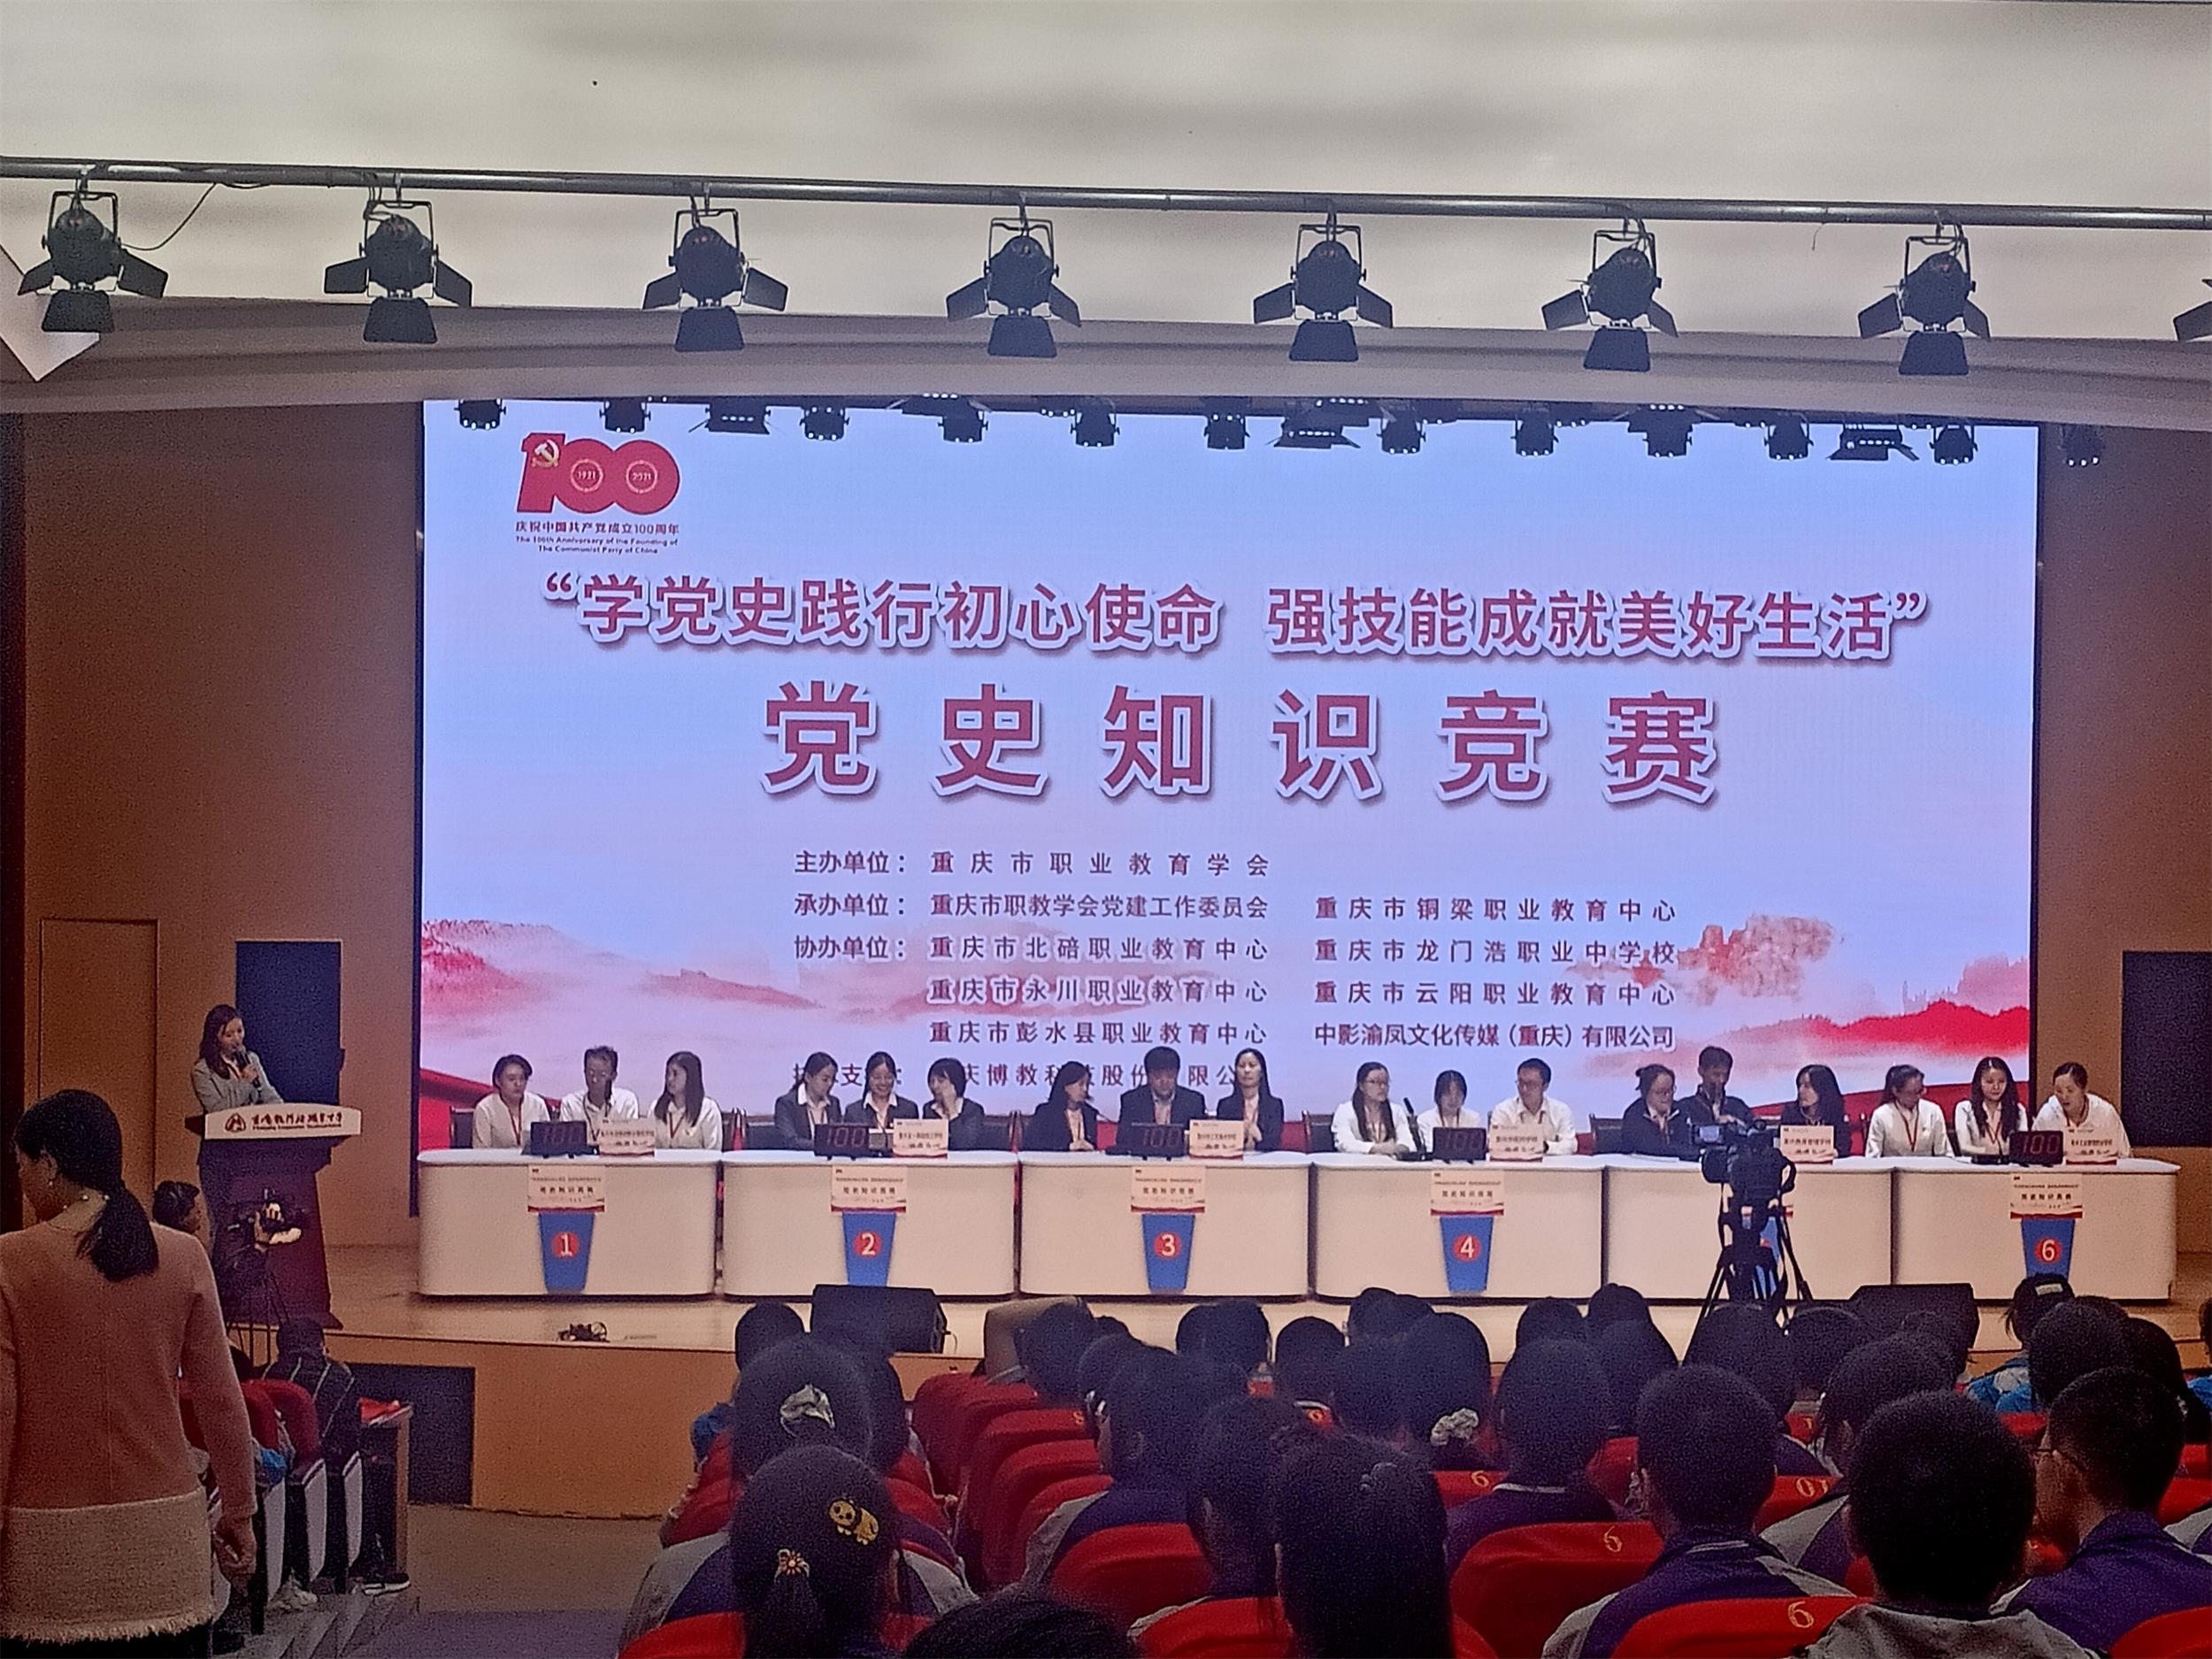 我校参加重庆市职业教育学会党史知识竞赛